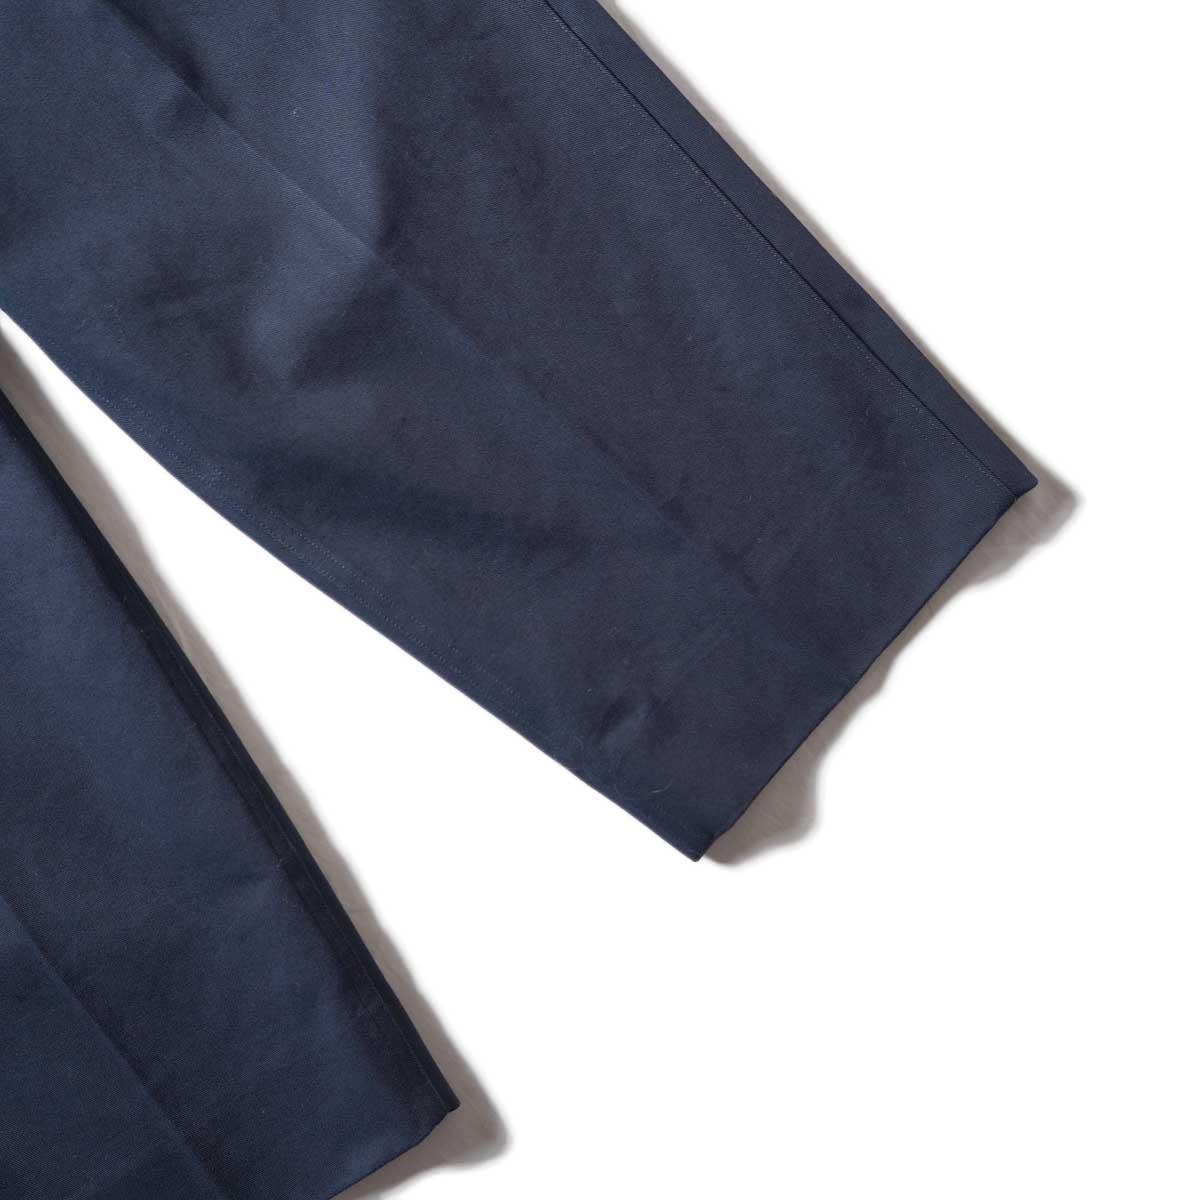 Blurhms / Chino Pants (Dark Navy)裾